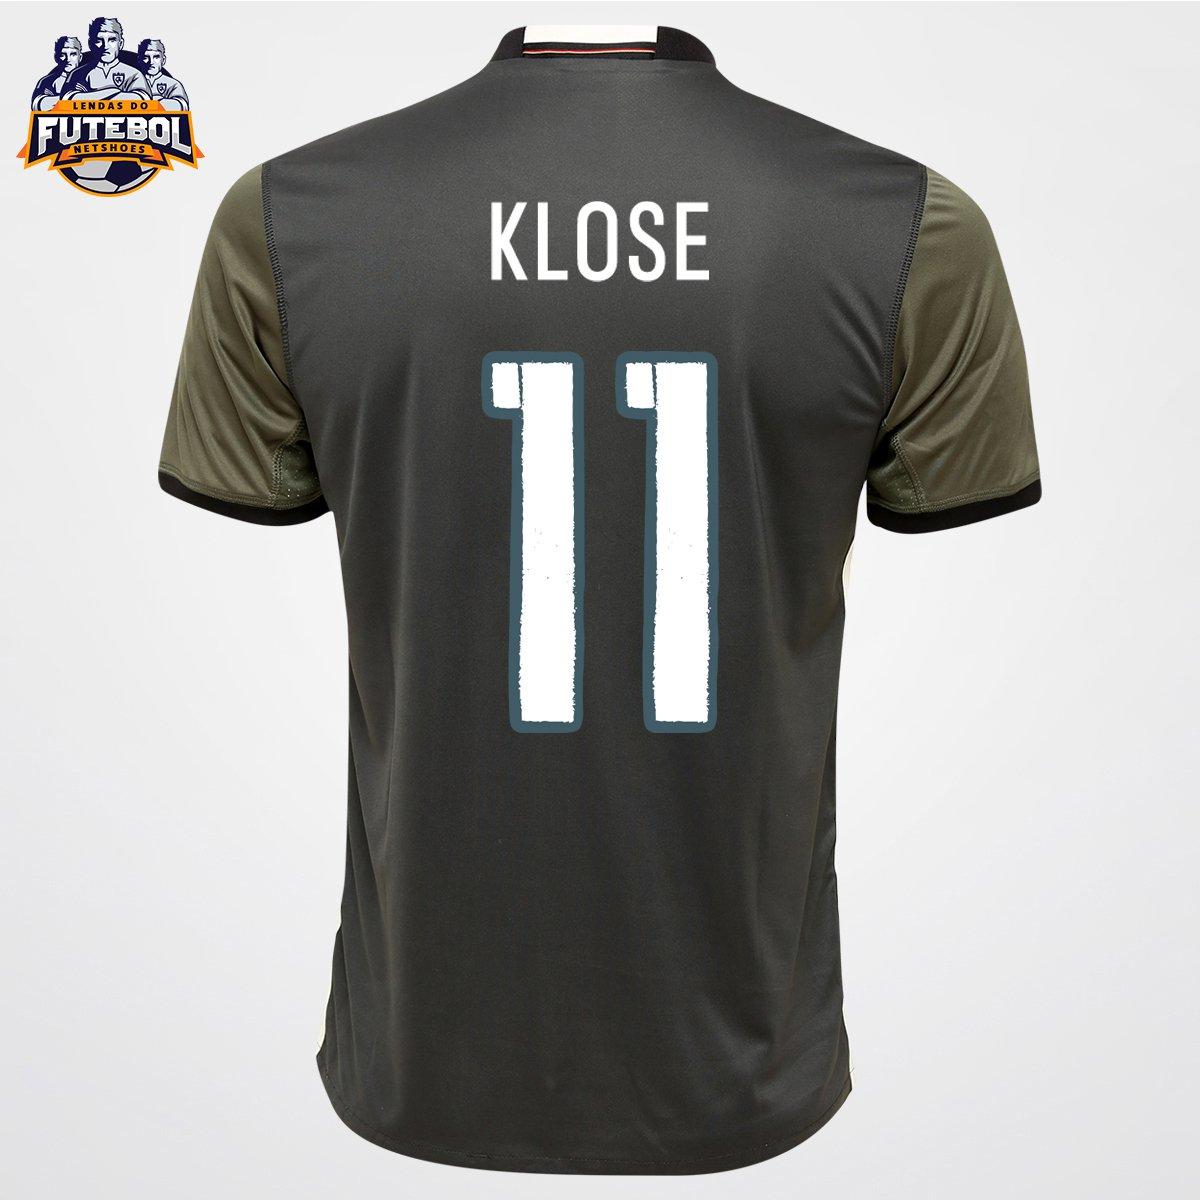 Camisa Adidas Seleção Alemanha Away 2016 nº 11 - Klose - Compre Agora  acf4bf07bb534